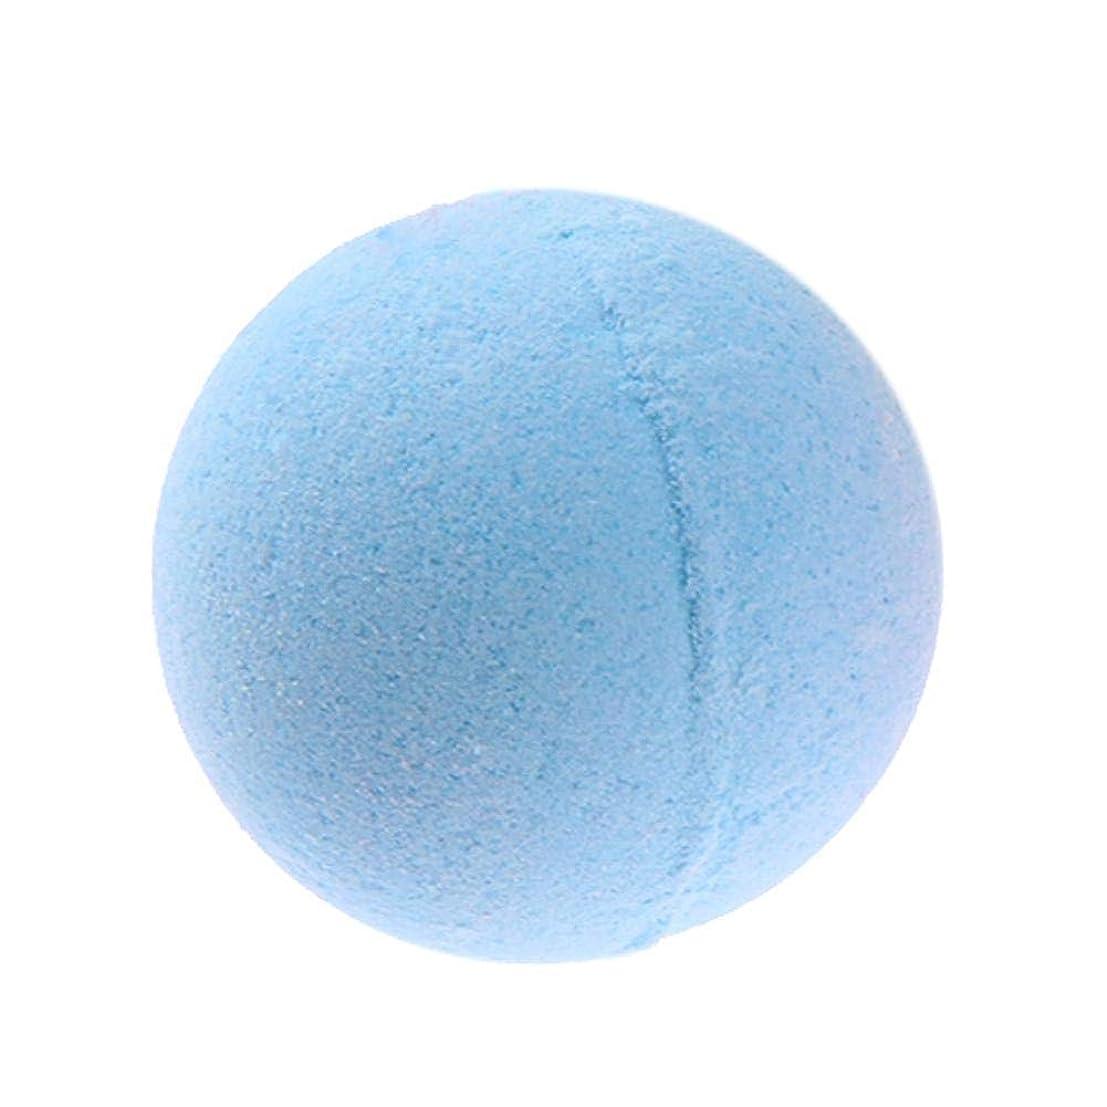 明確な後者収入バスボール ボディスキンホワイトニング バスソルト リラックス ストレスリリーフ バブルシャワー 爆弾ボール 1pc Lushandy